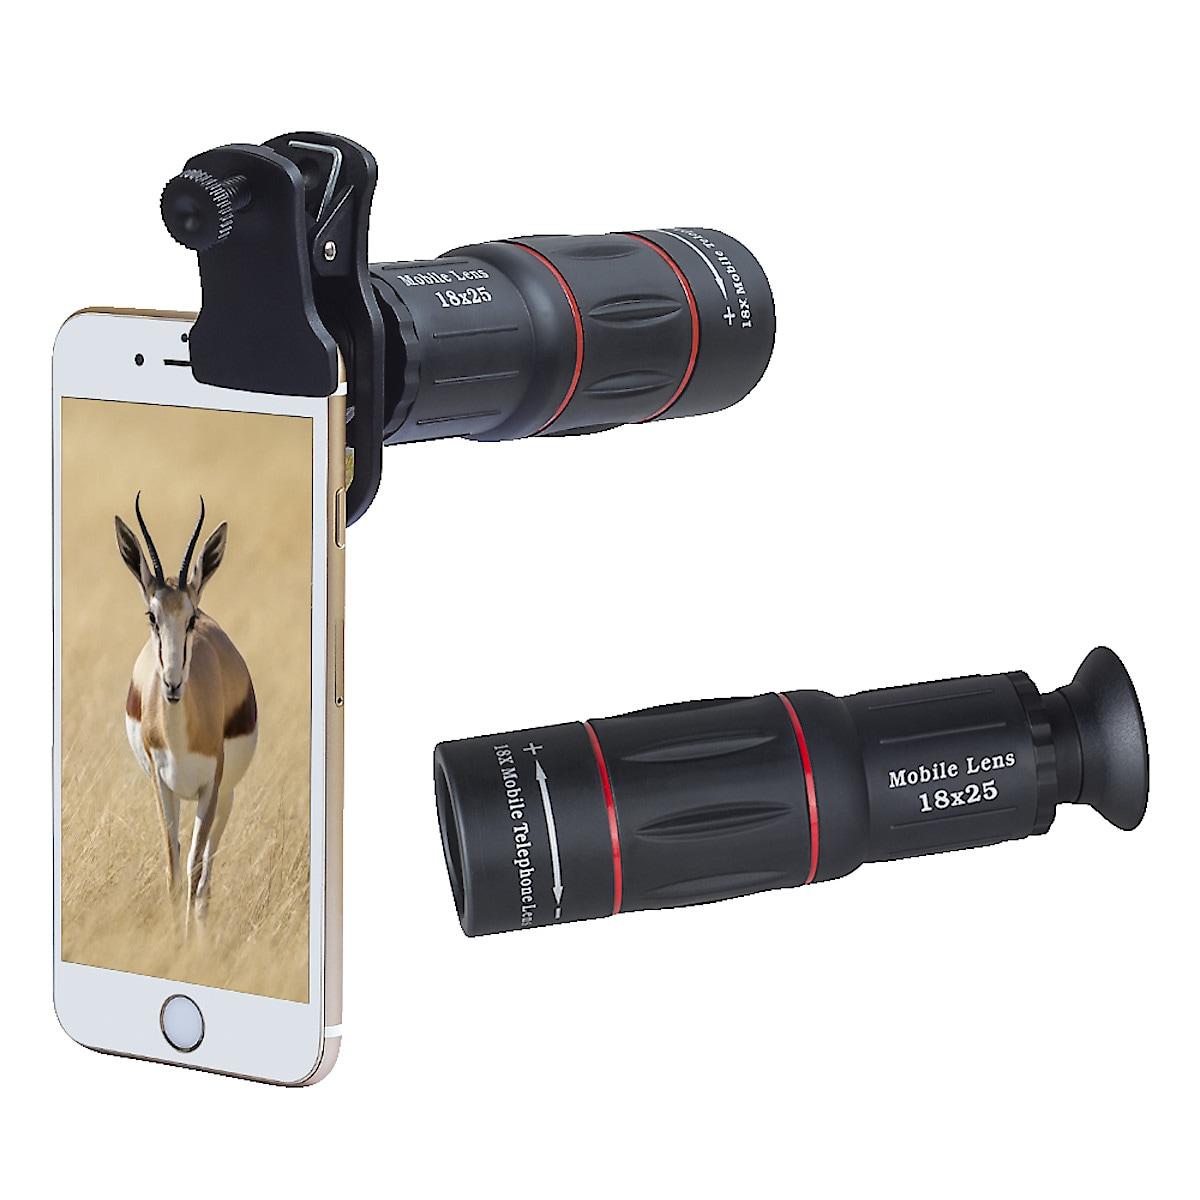 Teleobjektiivi 18x zoom ja tripod-jalusta puhelimelle